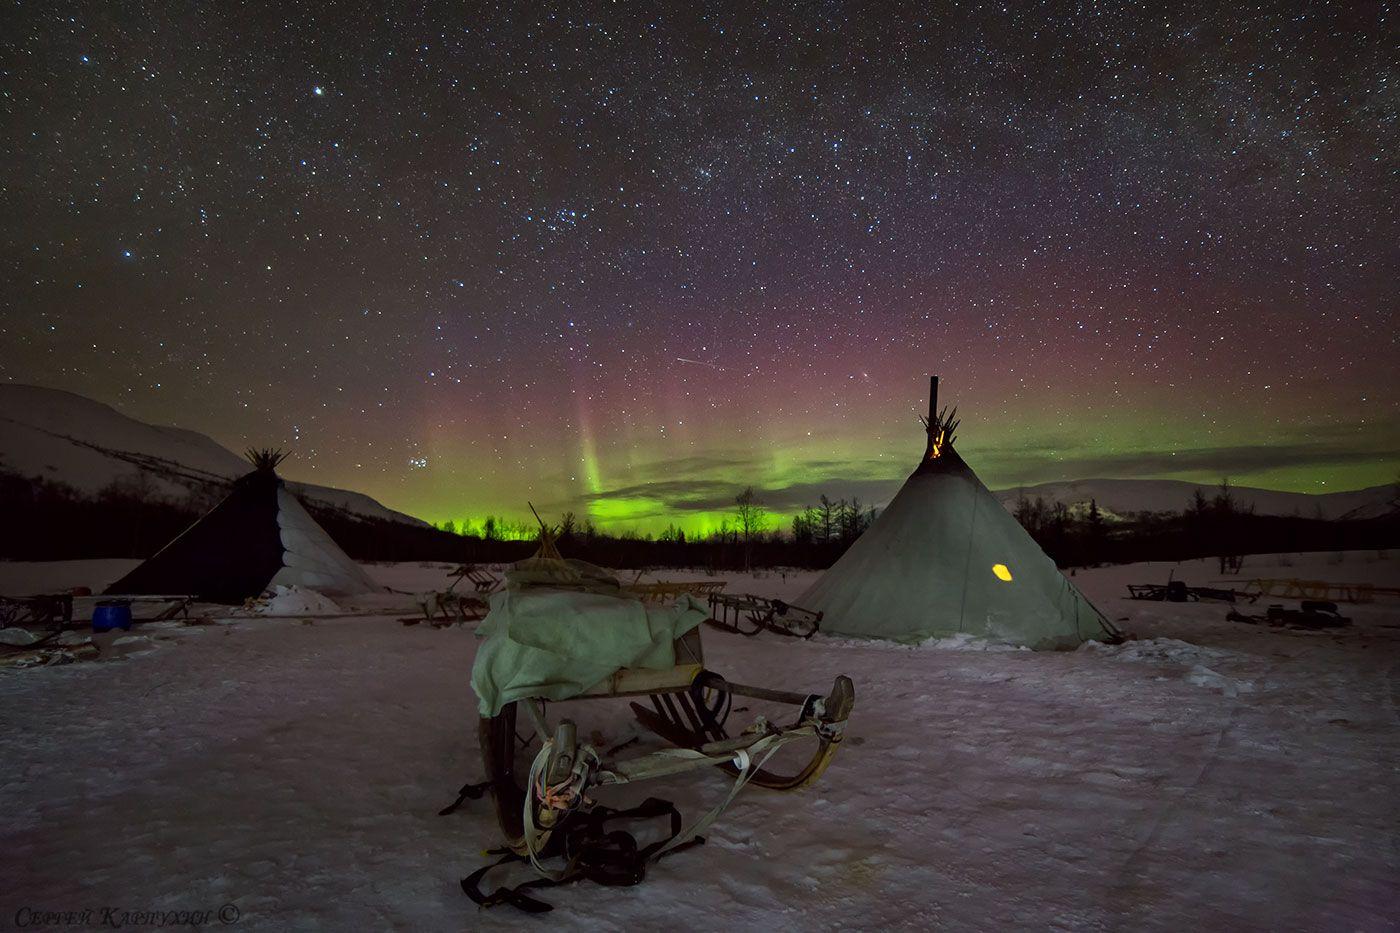 полярный урал, река собь, чумы, стойбище, северное сияние, Сергей Карпухин